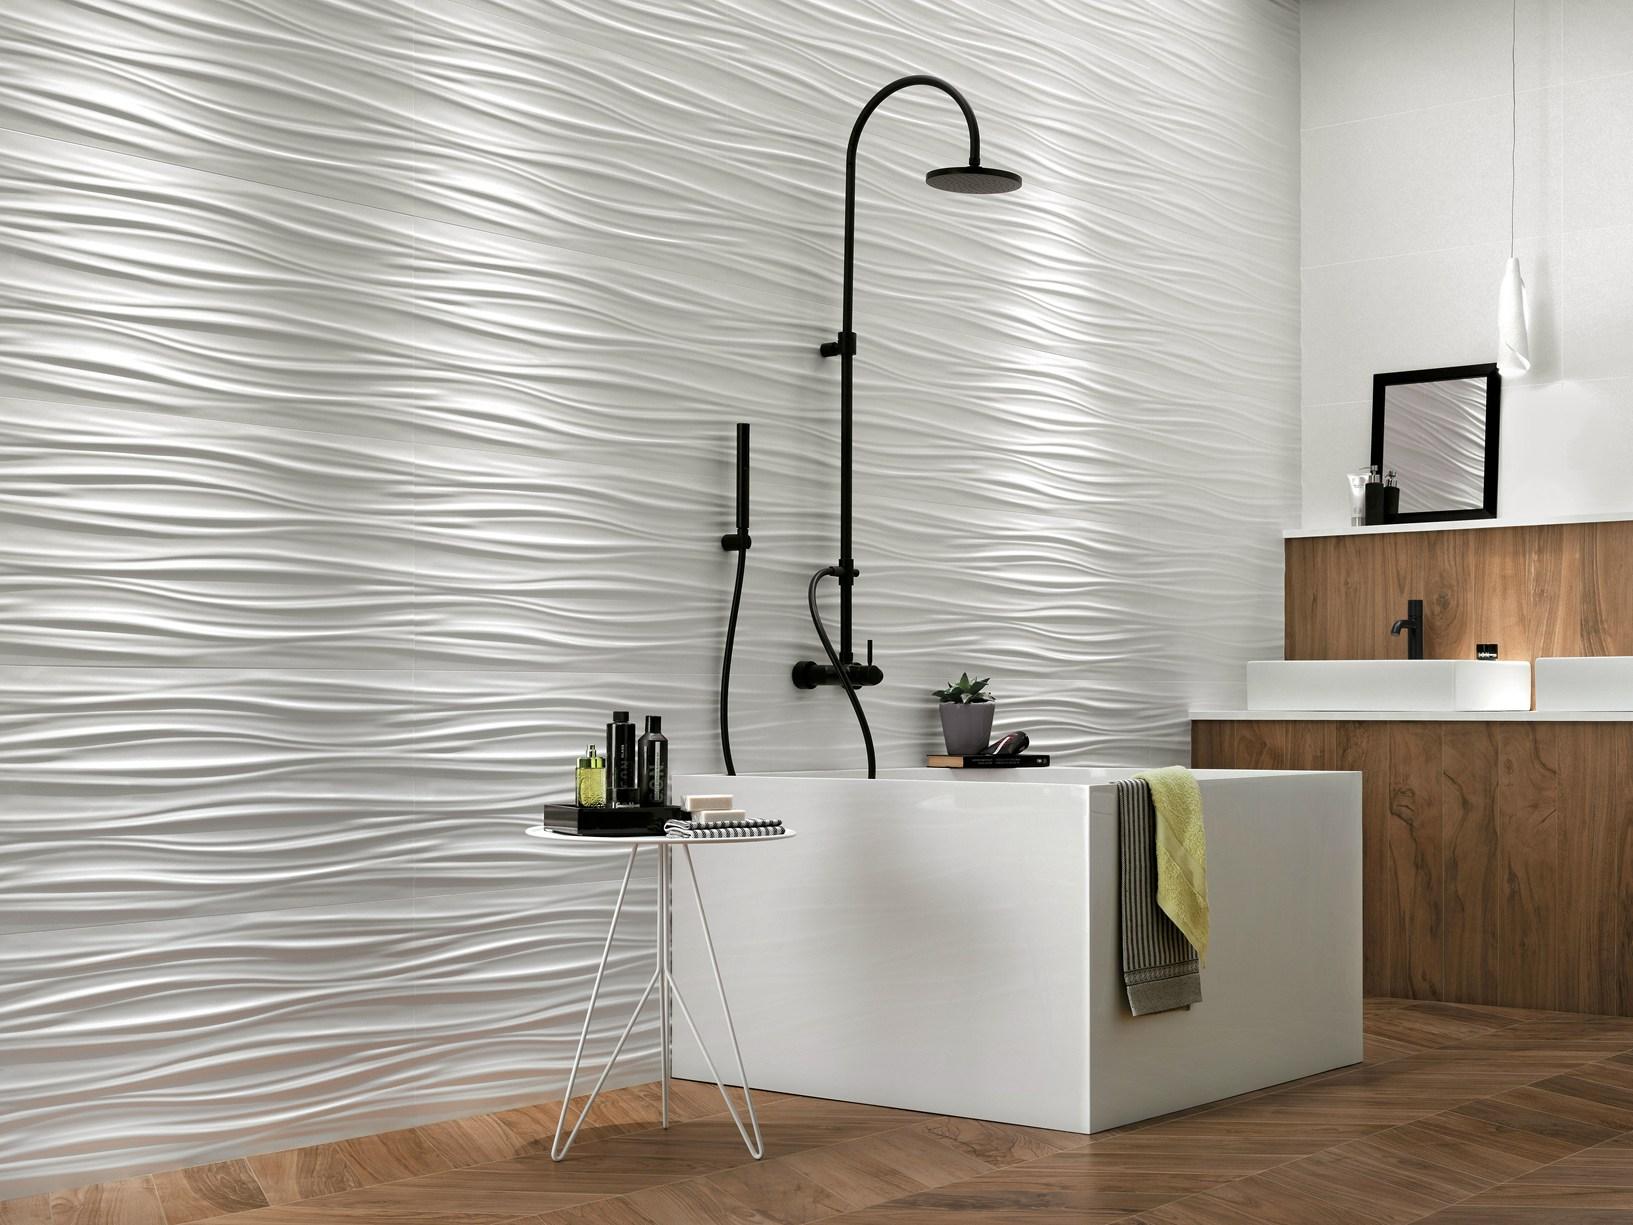 Pareti scultoree in ceramica - Progettare bagno 3d ...